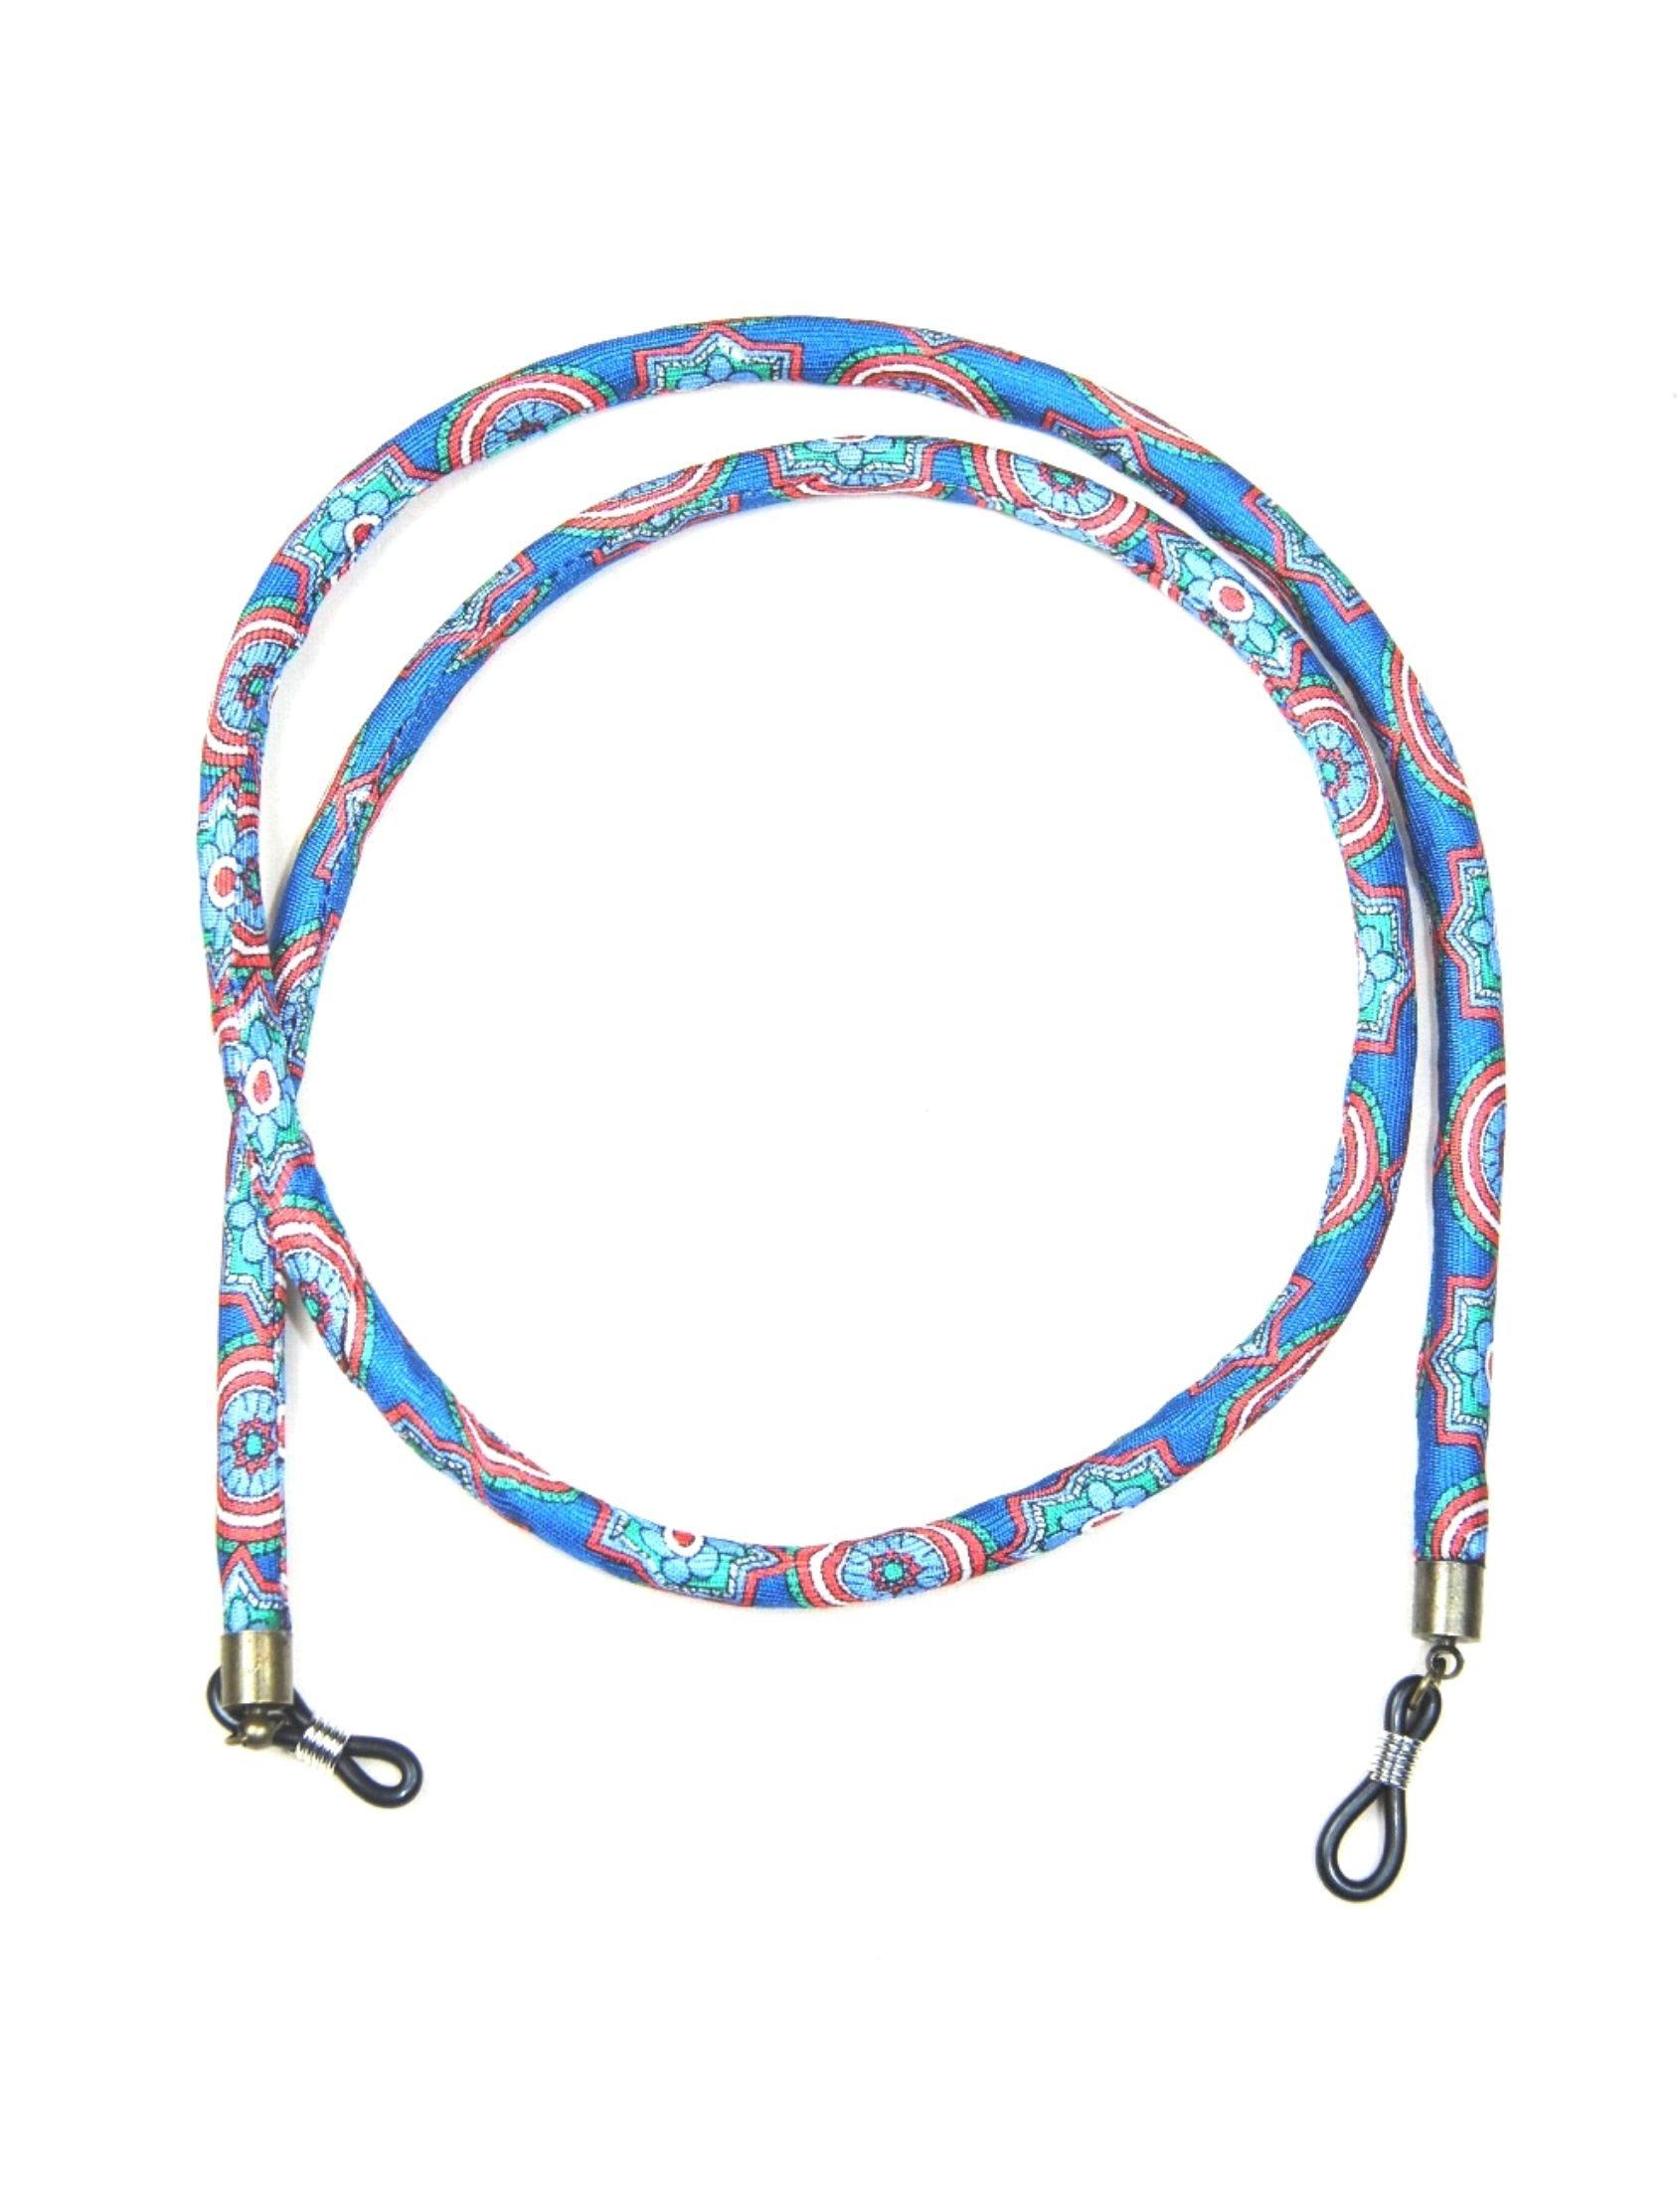 cordón de gafas en seda natural escudos de luz con estampado multicolor sobre fondo azul